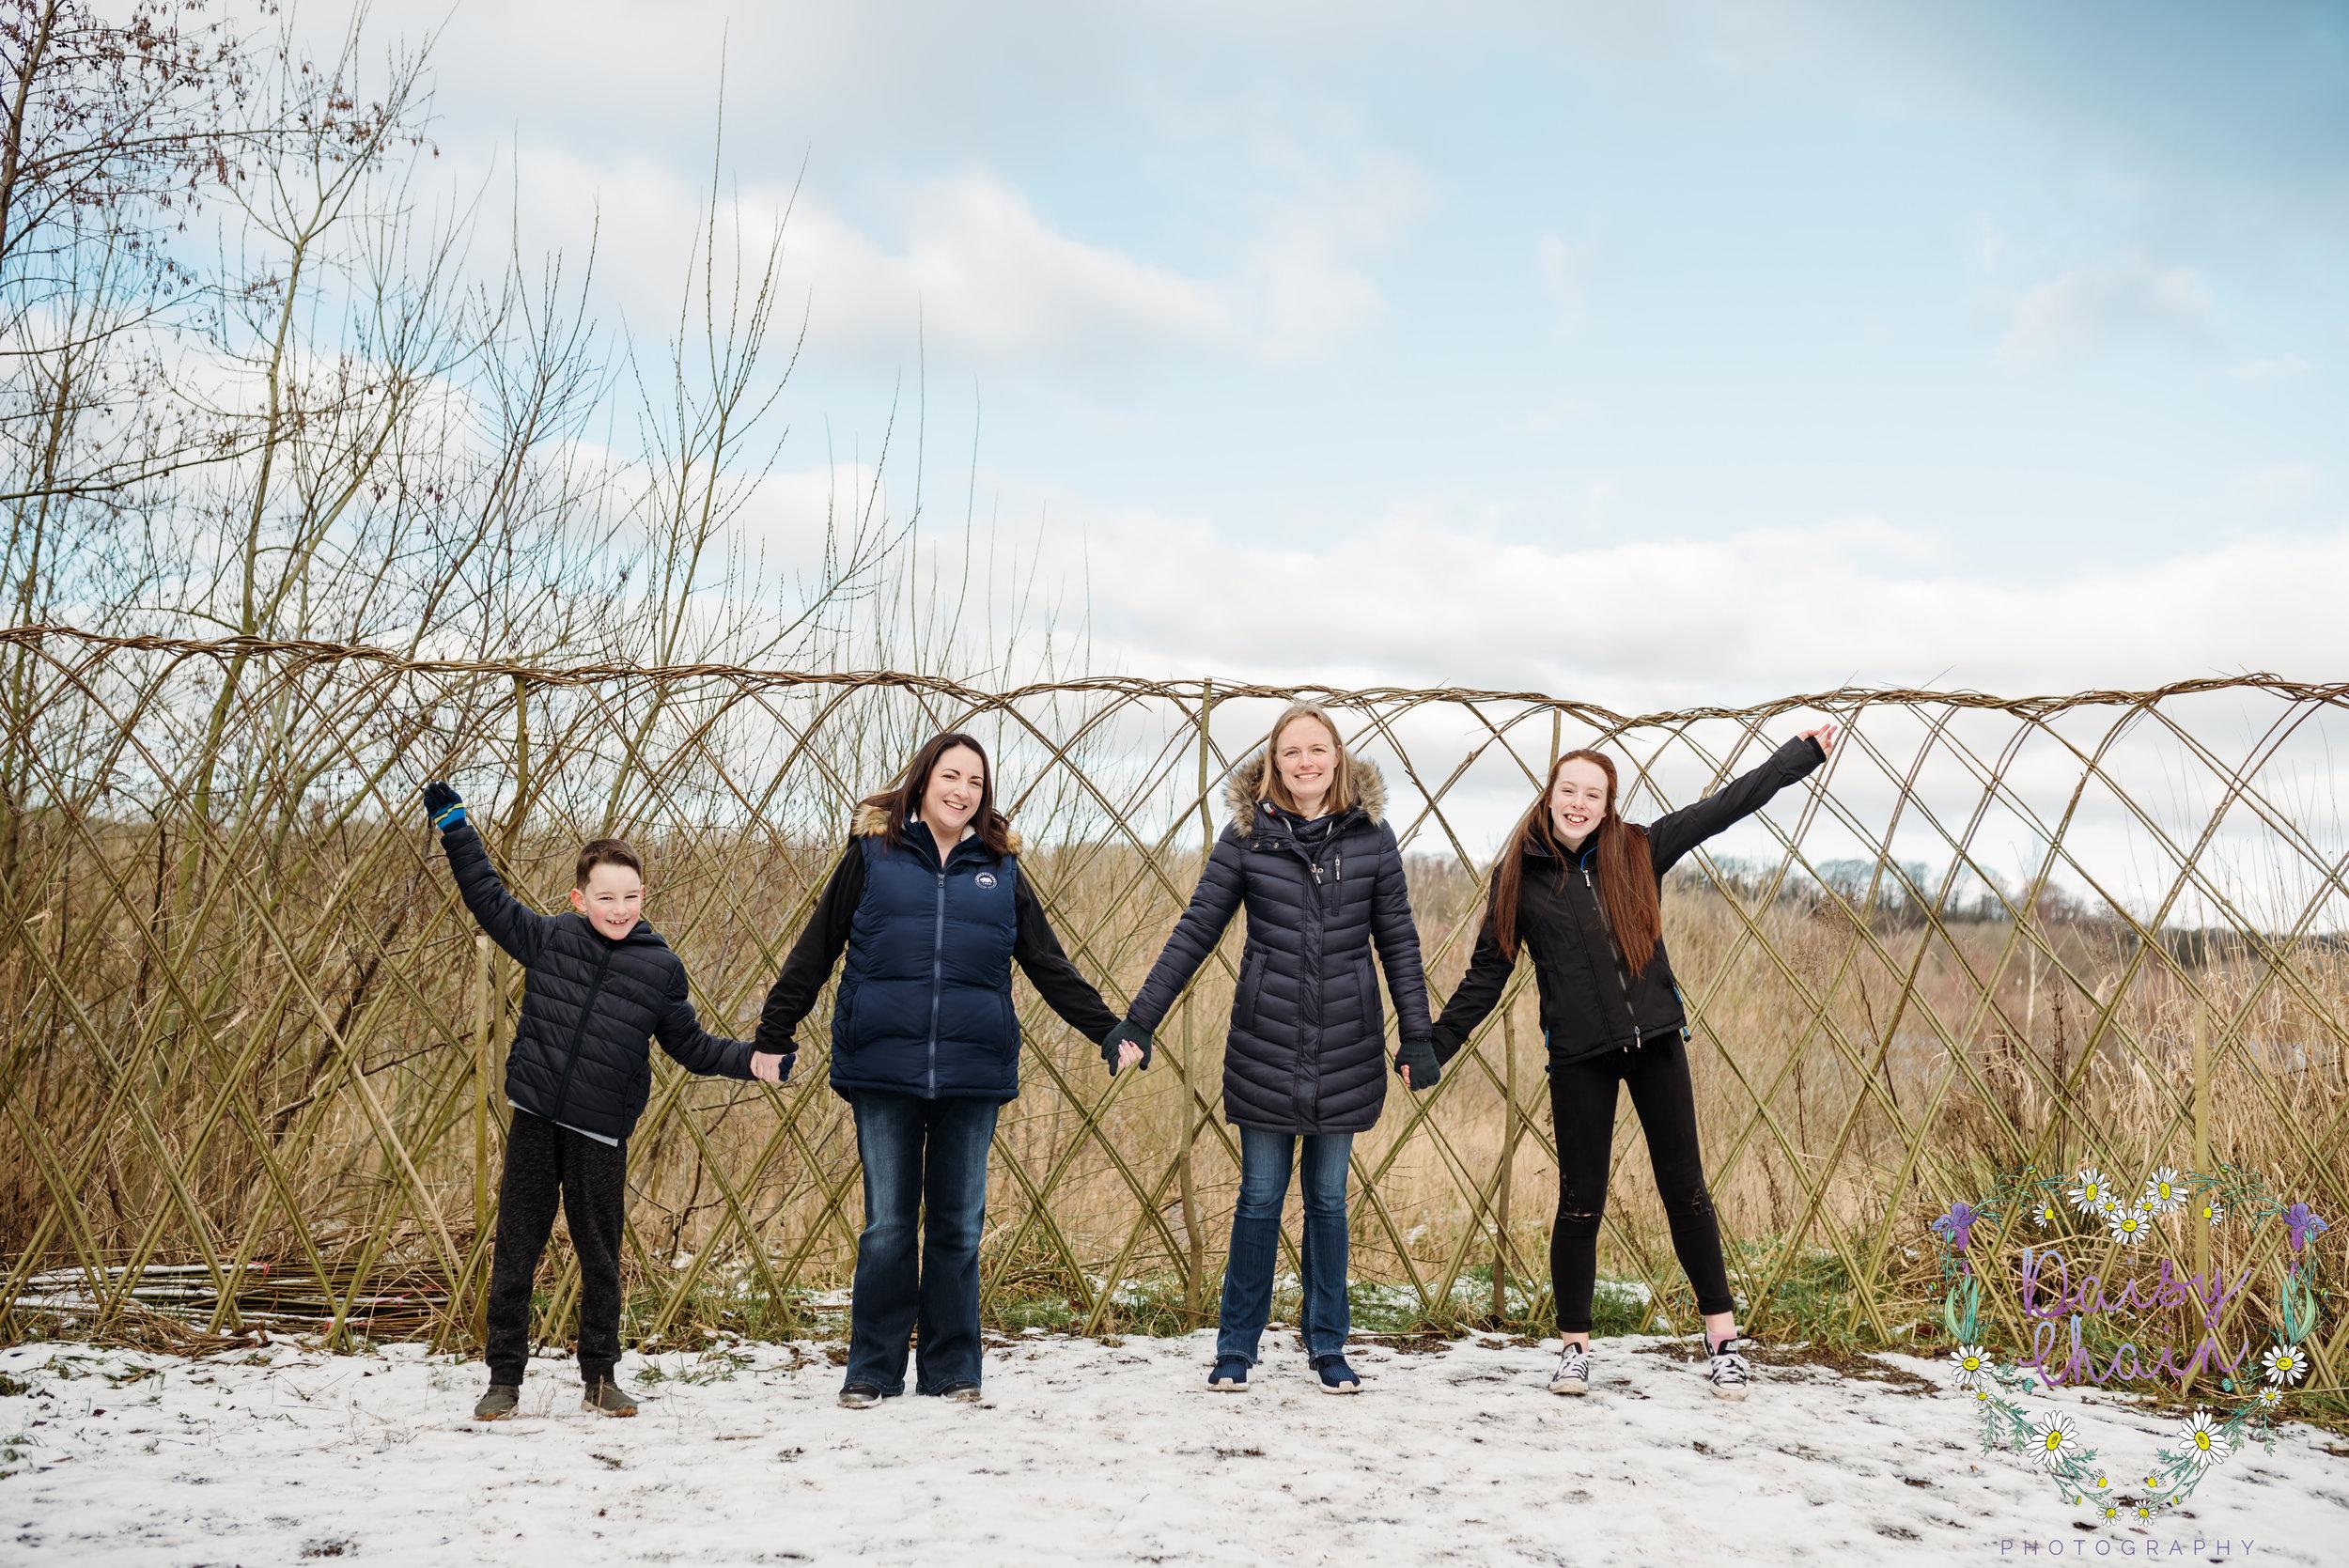 Family fun at Brockholes Nature Reserve